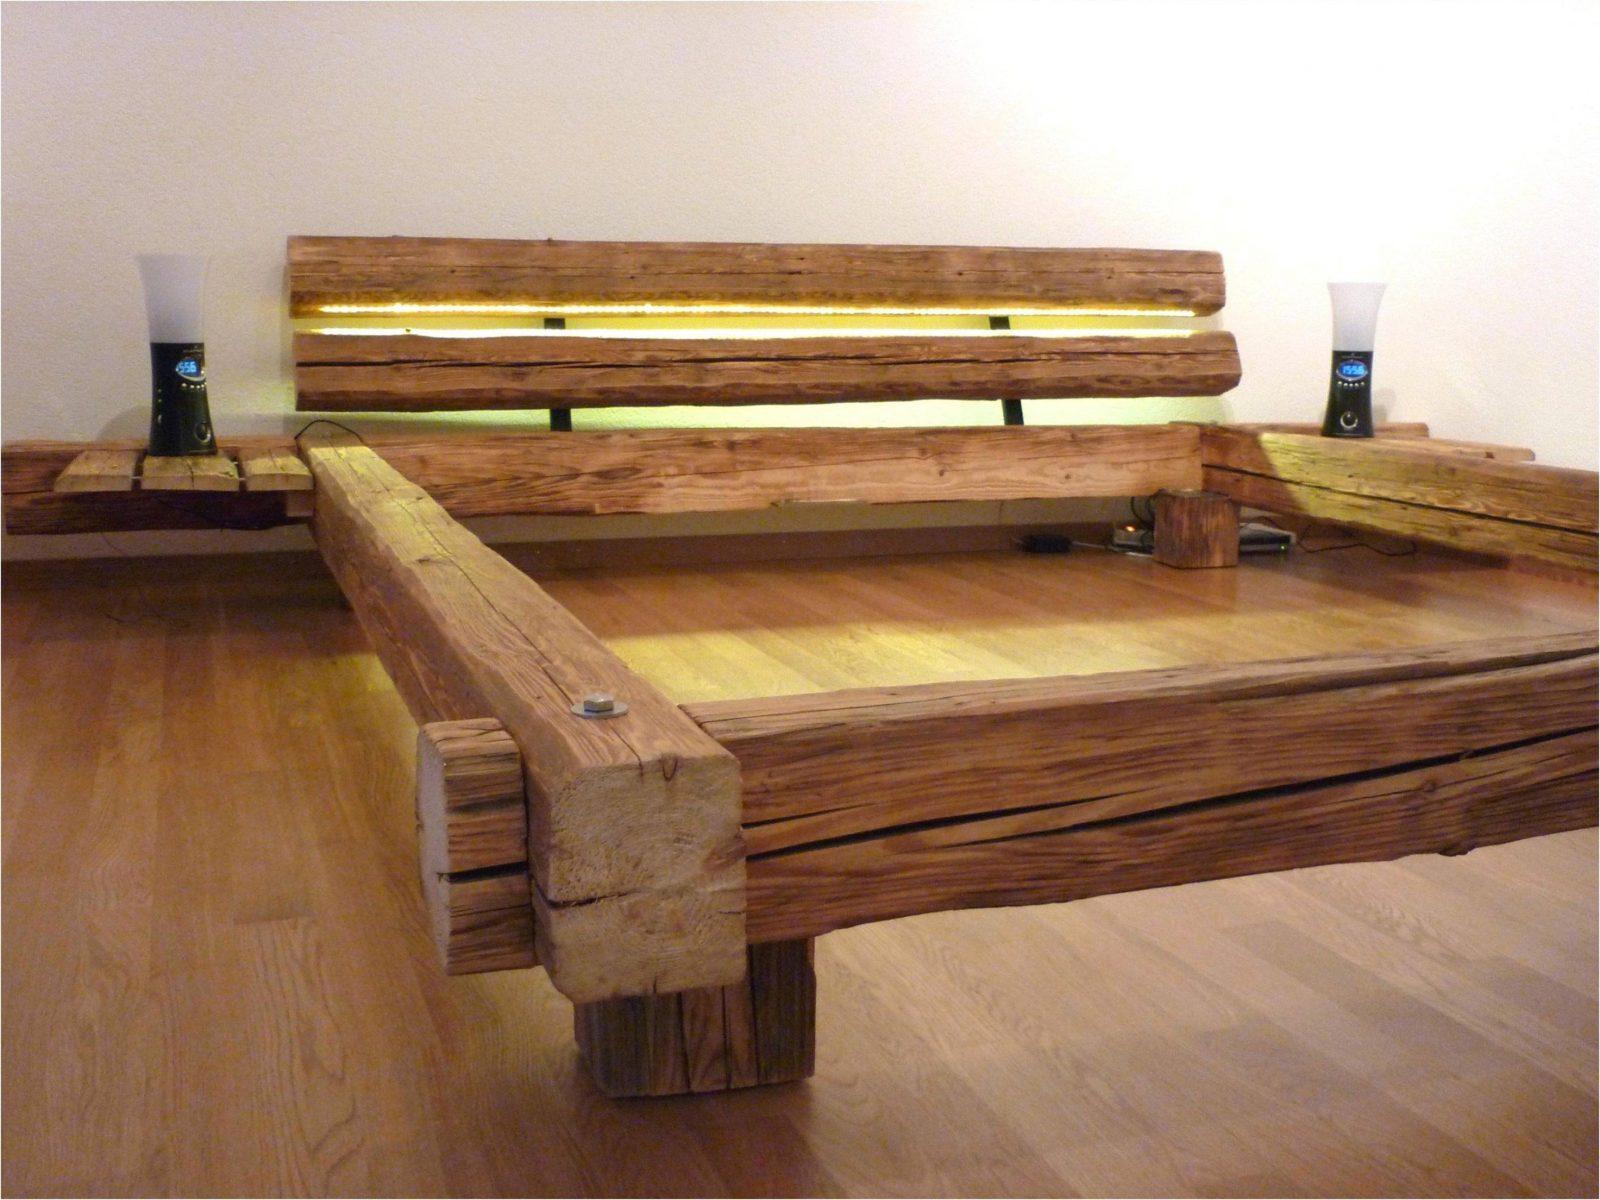 Inspirierend Selber Bauen Holz Für Bett Aus Bierkästen  Betten Ideen von Bett Selber Bauen Bierkästen Bild